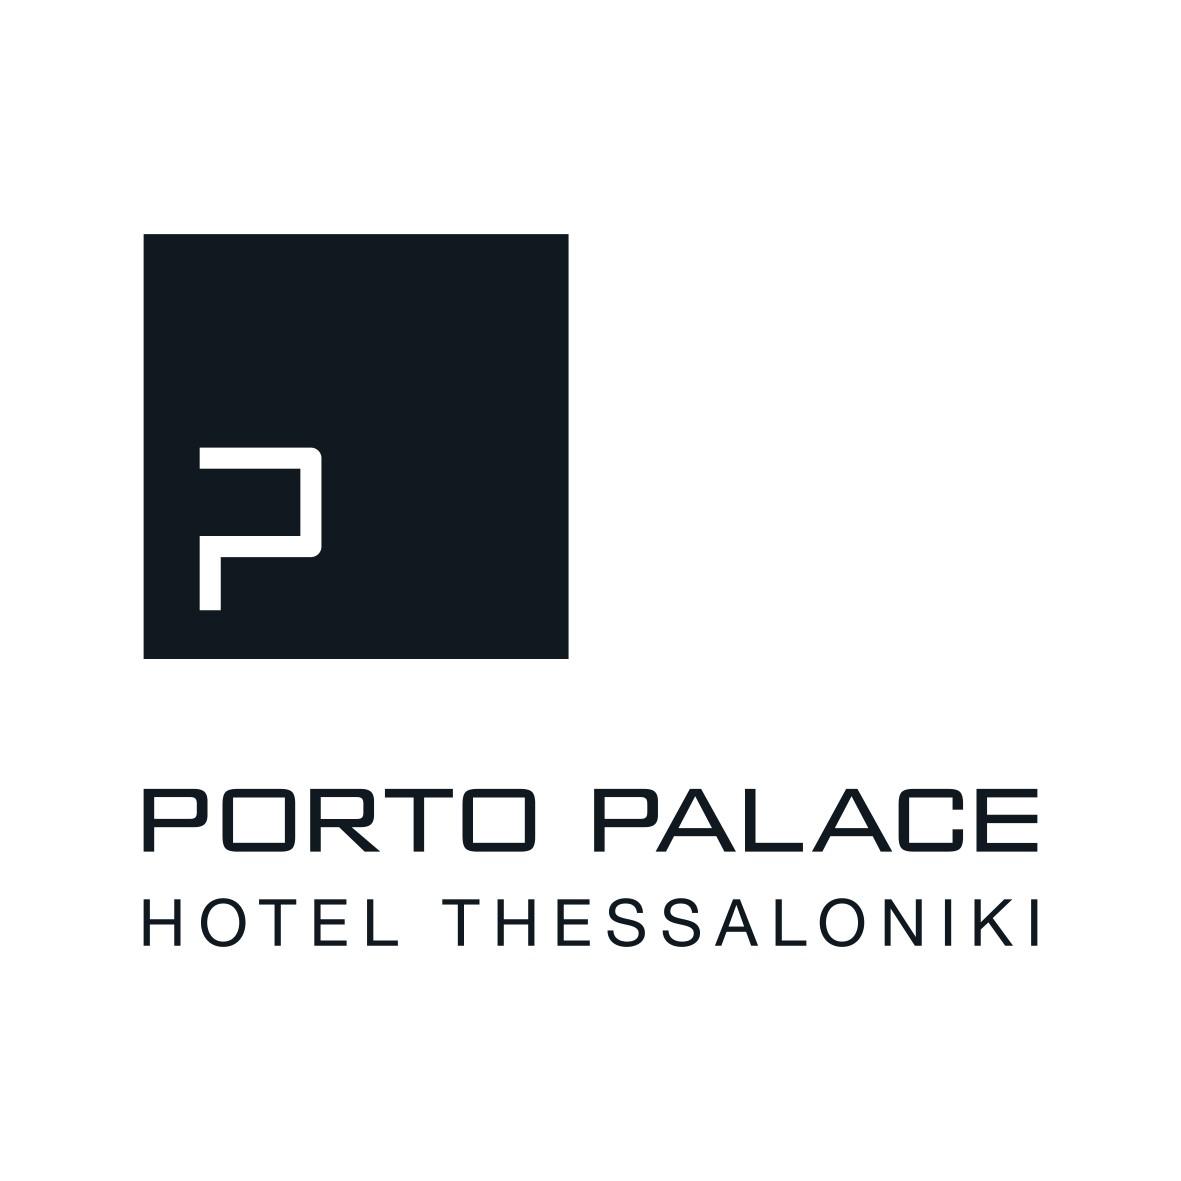 Για δεύτερη συνεχή χρονιά εκπαίδευση του Porto Palace Thessaloniki στο Krav Maga από την LKM